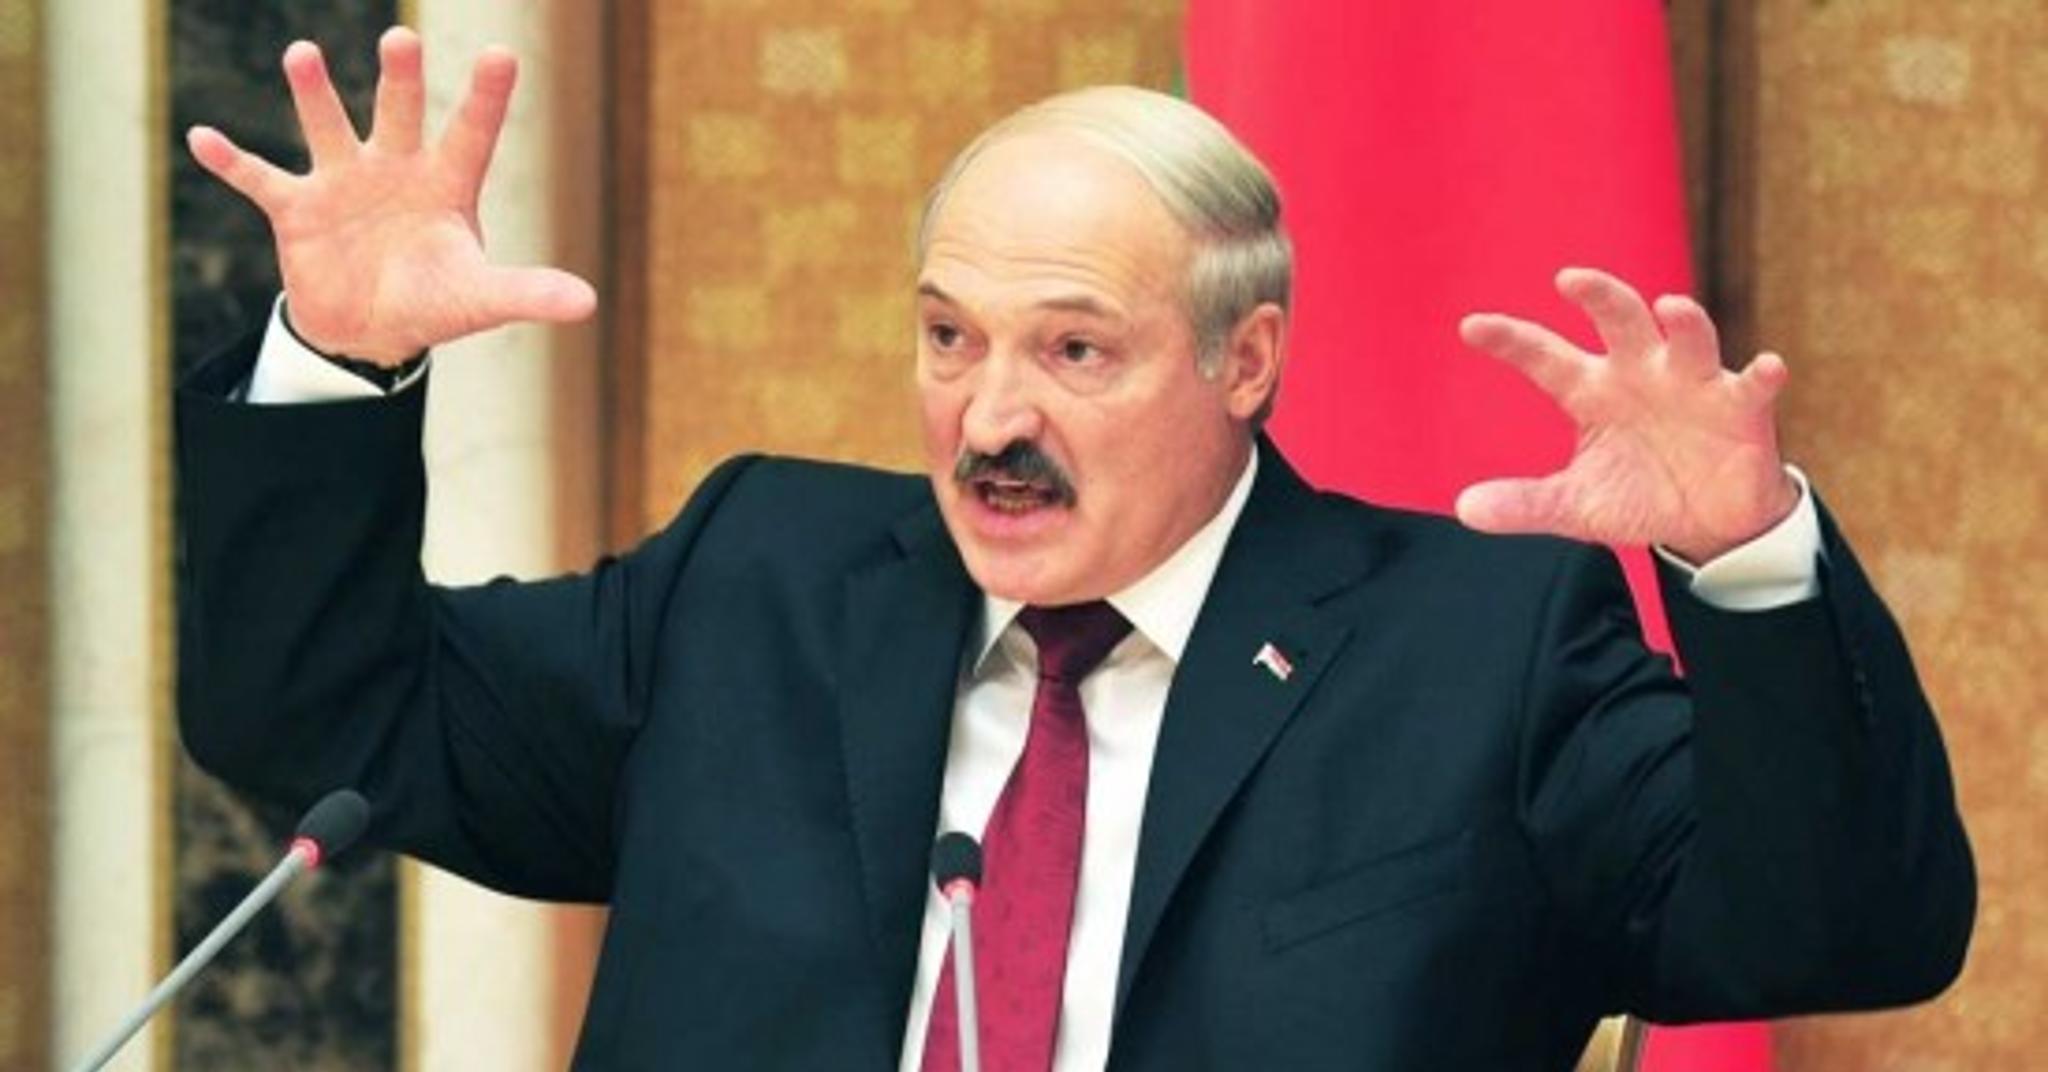 Продукты фирмы бывшего губернатора Кубани признаны опасными для жизнивћ¤ Главное.net